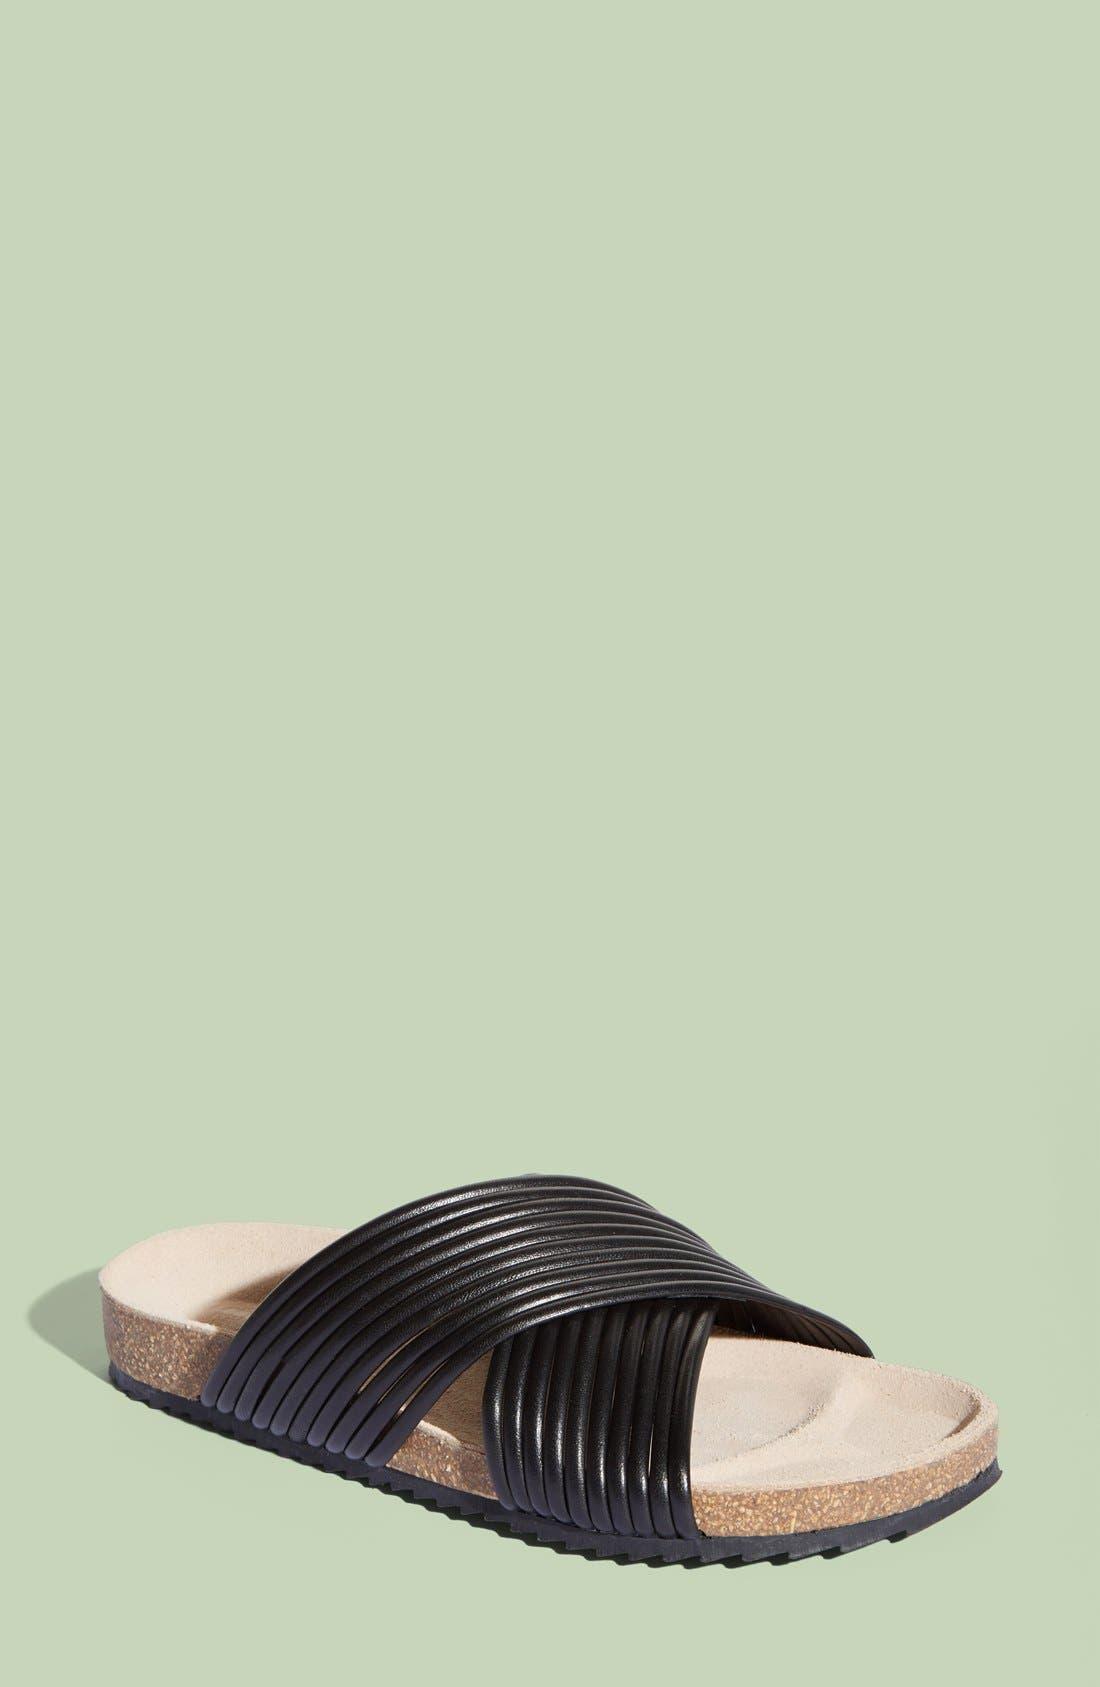 Main Image - Loeffler Randall 'Petra' Slide Footbed Sandal (Women)